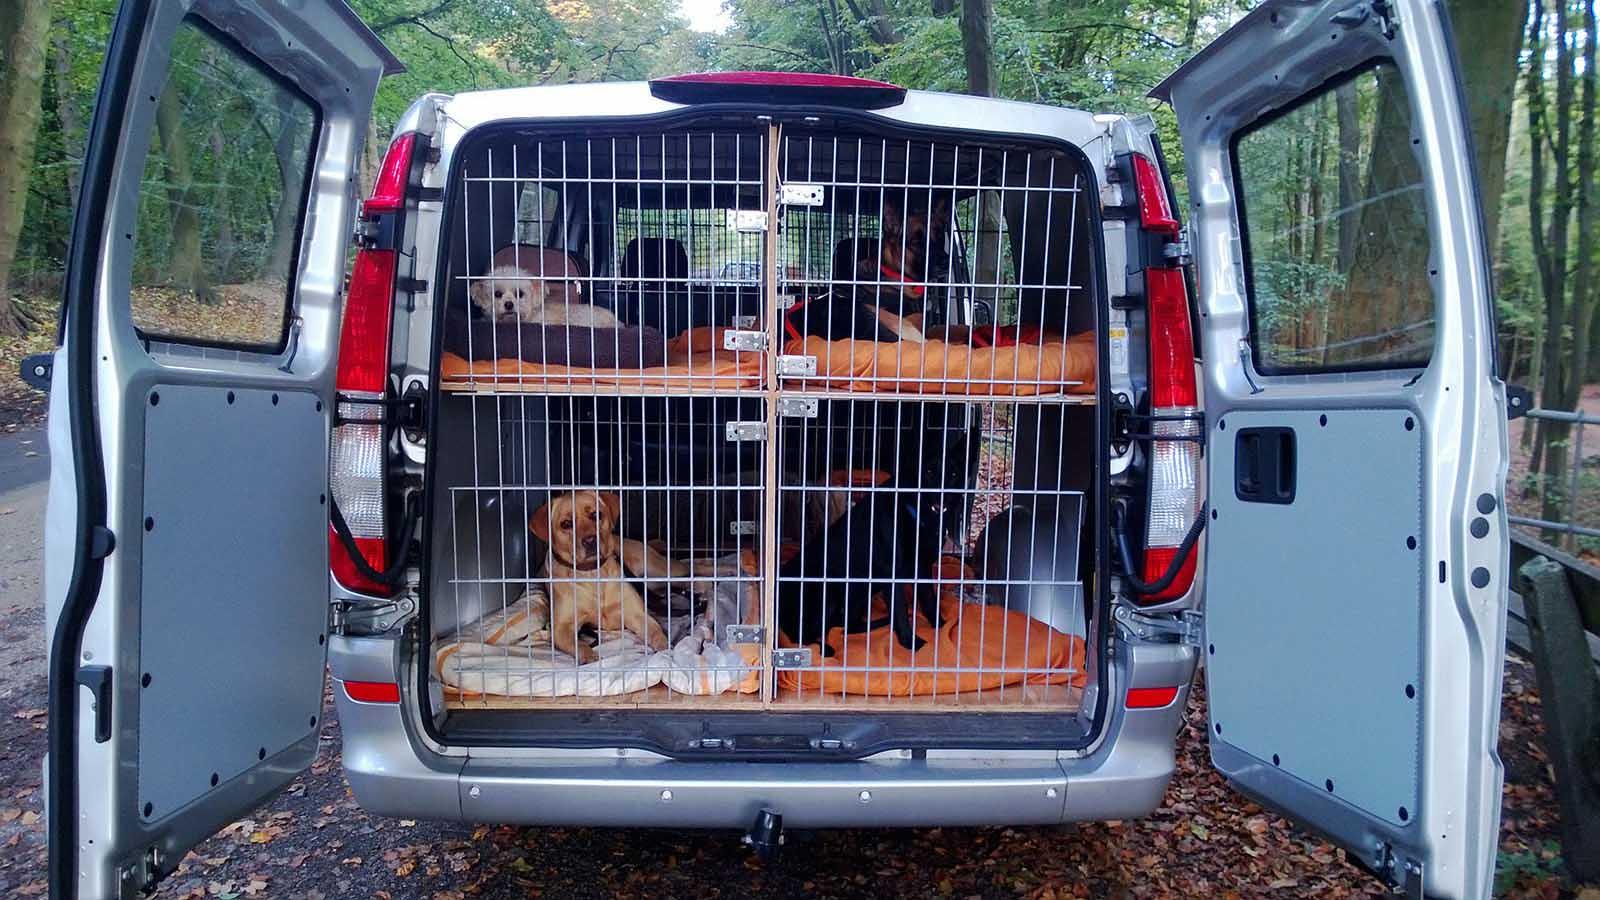 Hundebetreuung Altona: Sichere und gemütliche Hunde-Boxen im Transporter